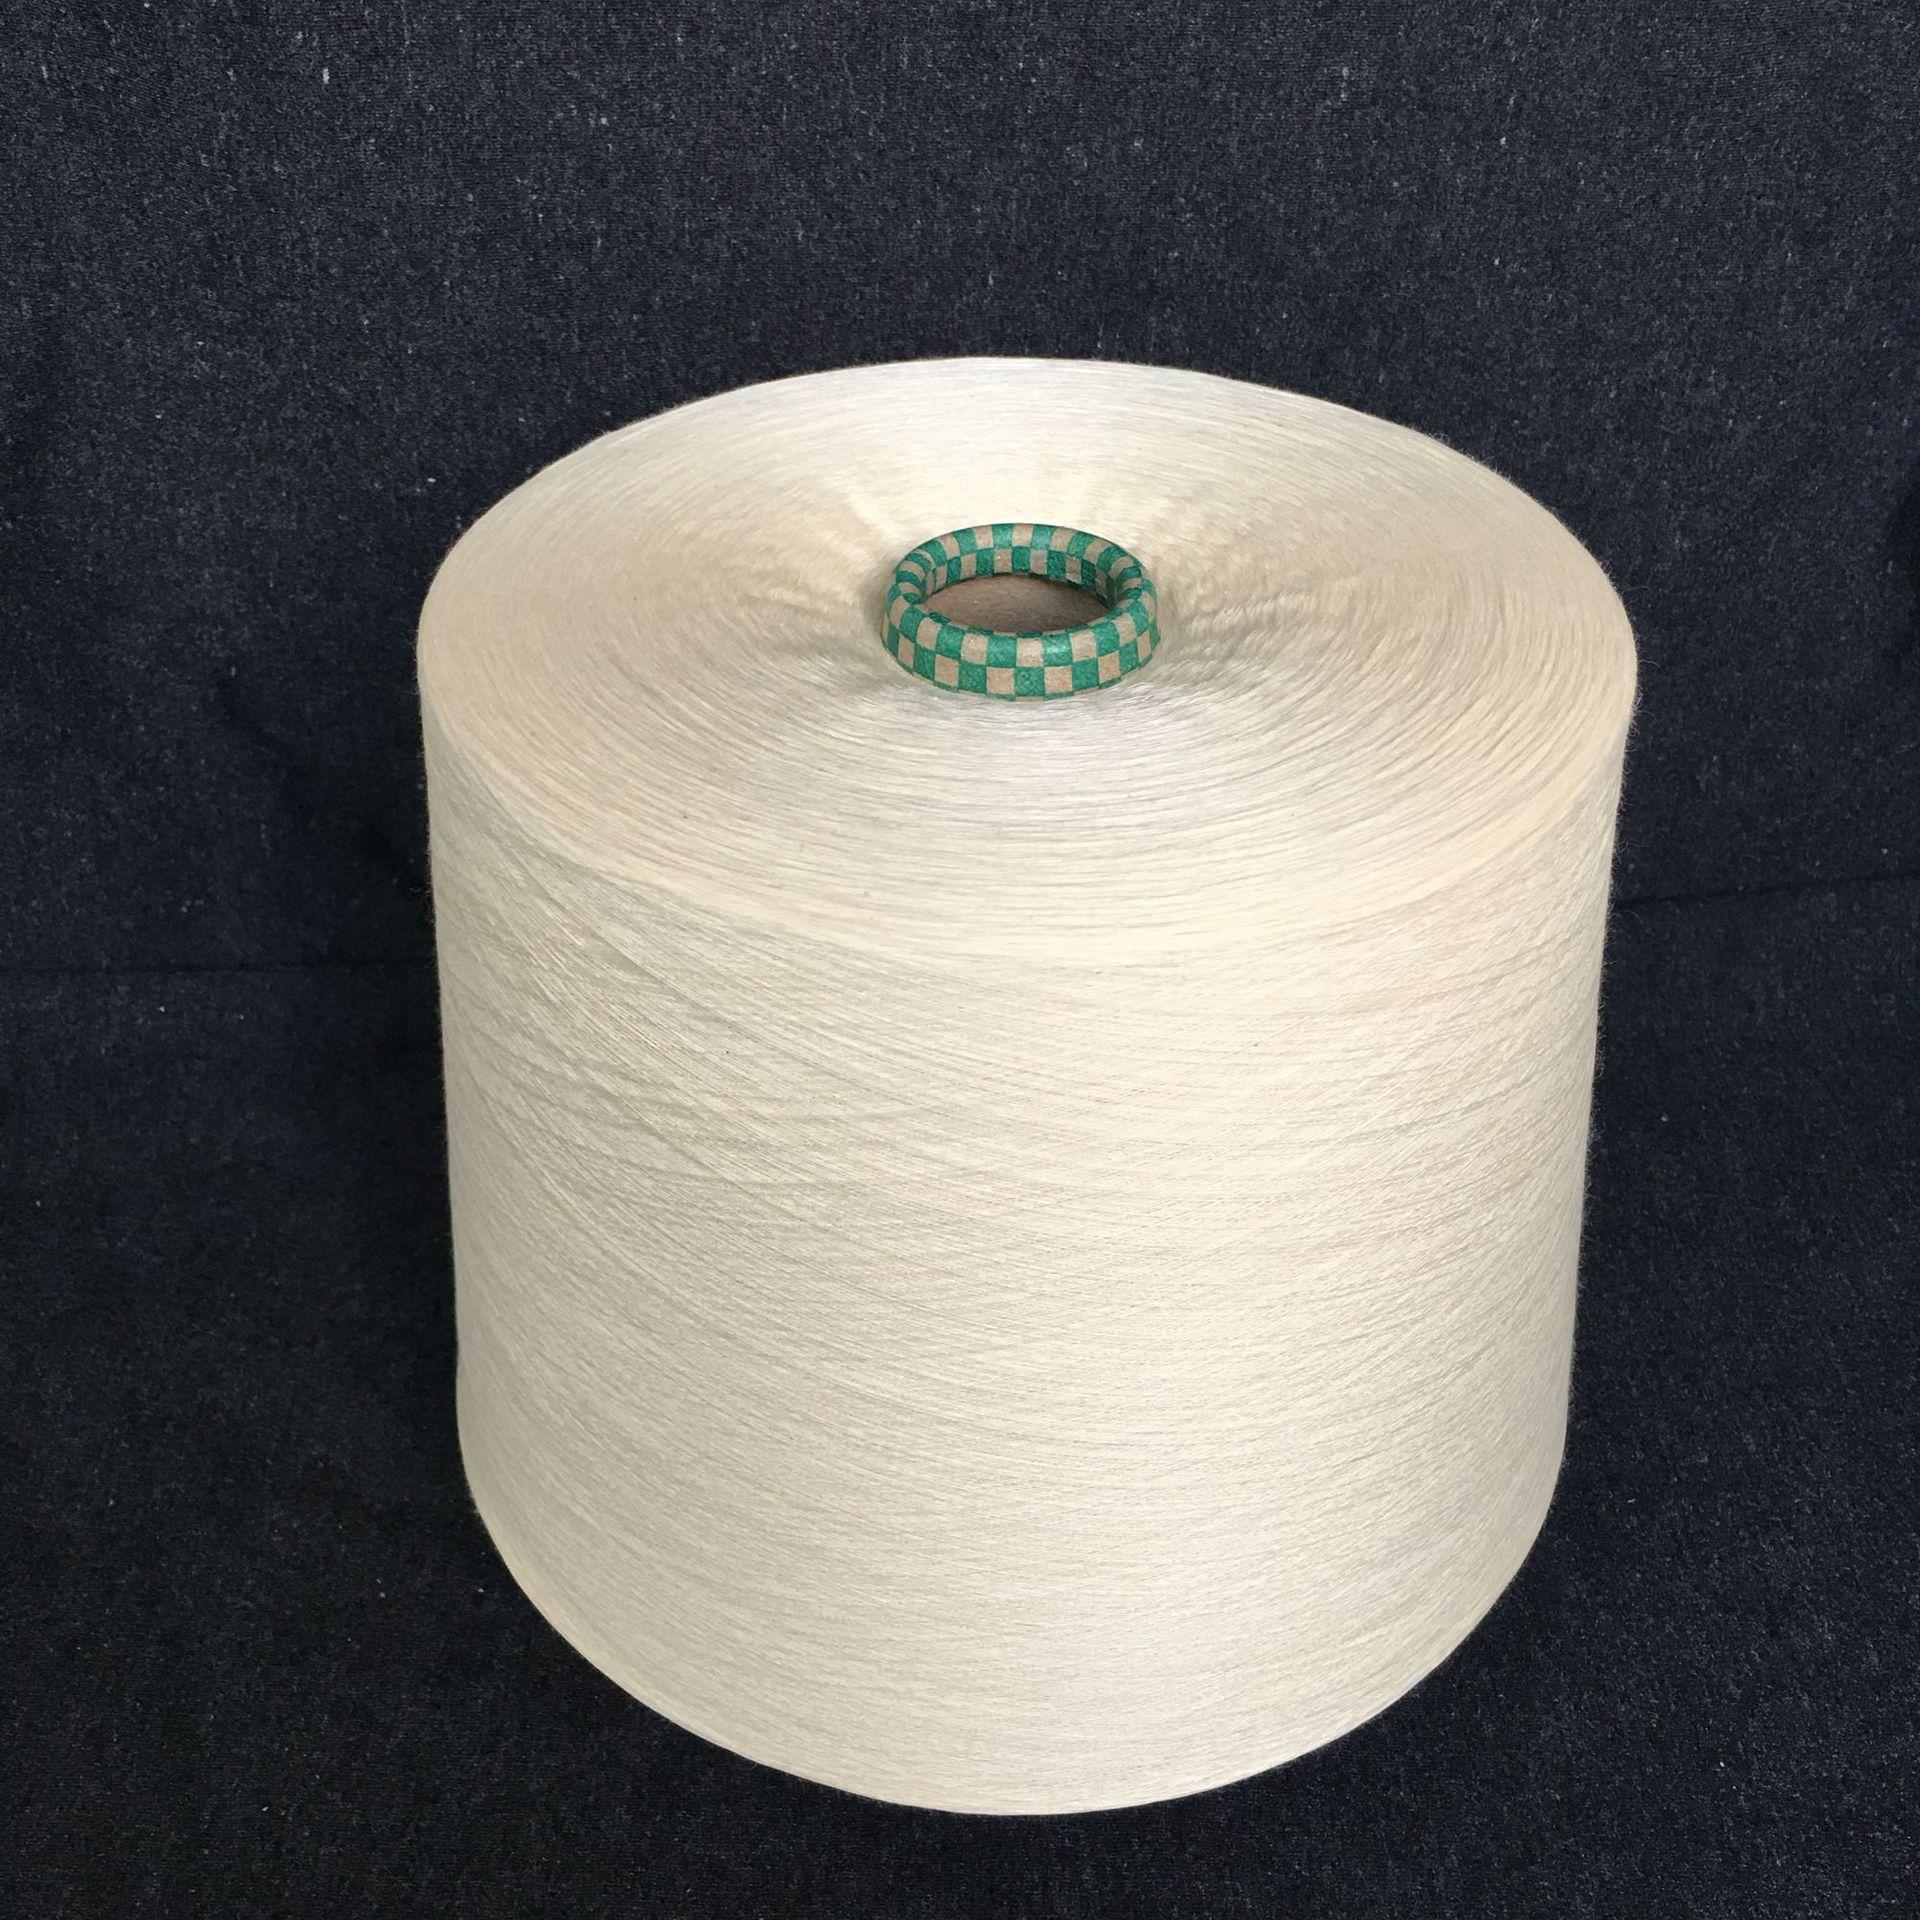 HENGTAI Sợi pha , sợi tổng hợp Sợi acrylic ply 16/2 sợi 21/2 sợi cotton chải kỹ 26 28 sợi vải cotton